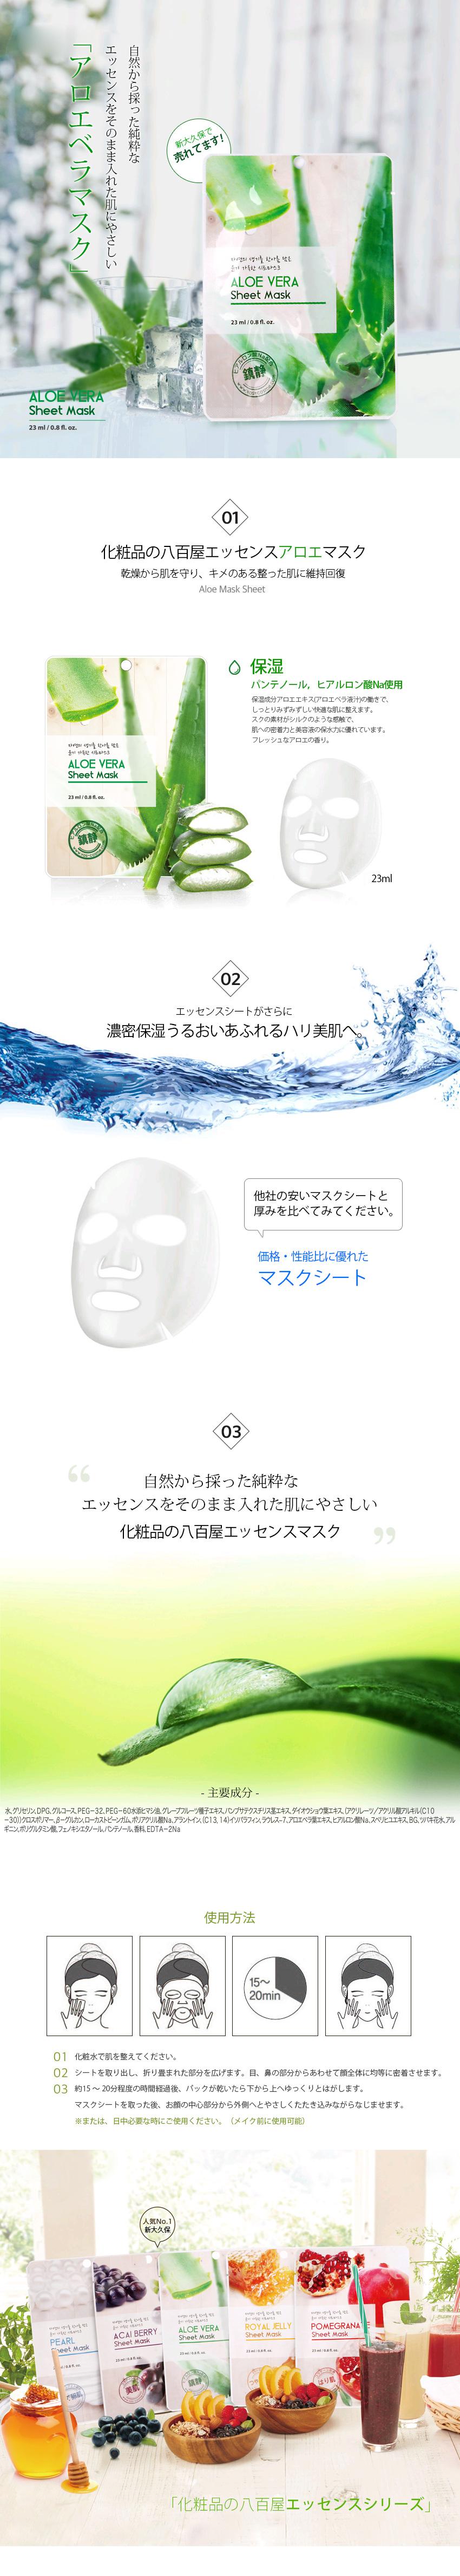 化粧品の八百屋エッセンスアロエマスク